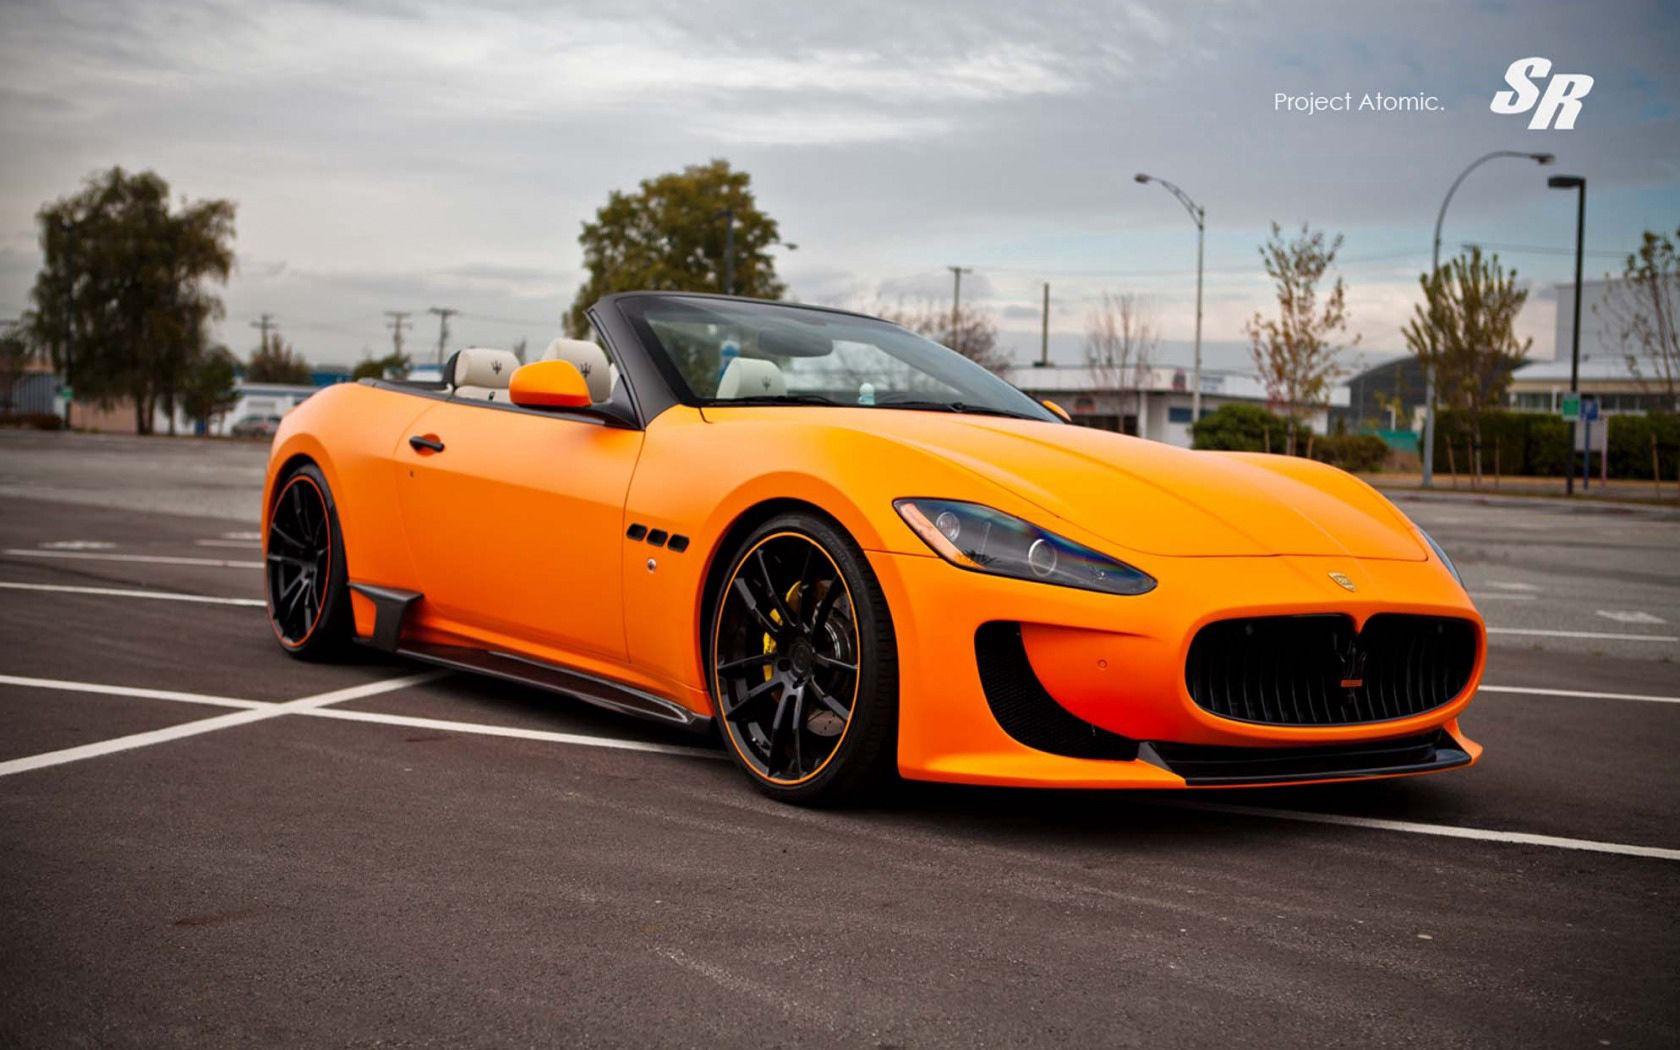 120222 Hintergrundbild herunterladen Maserati, Cars, Cabrio, Gran Turismo, Sr Autogruppe, Sr-Autogruppe, Atomar, Atomic - Bildschirmschoner und Bilder kostenlos